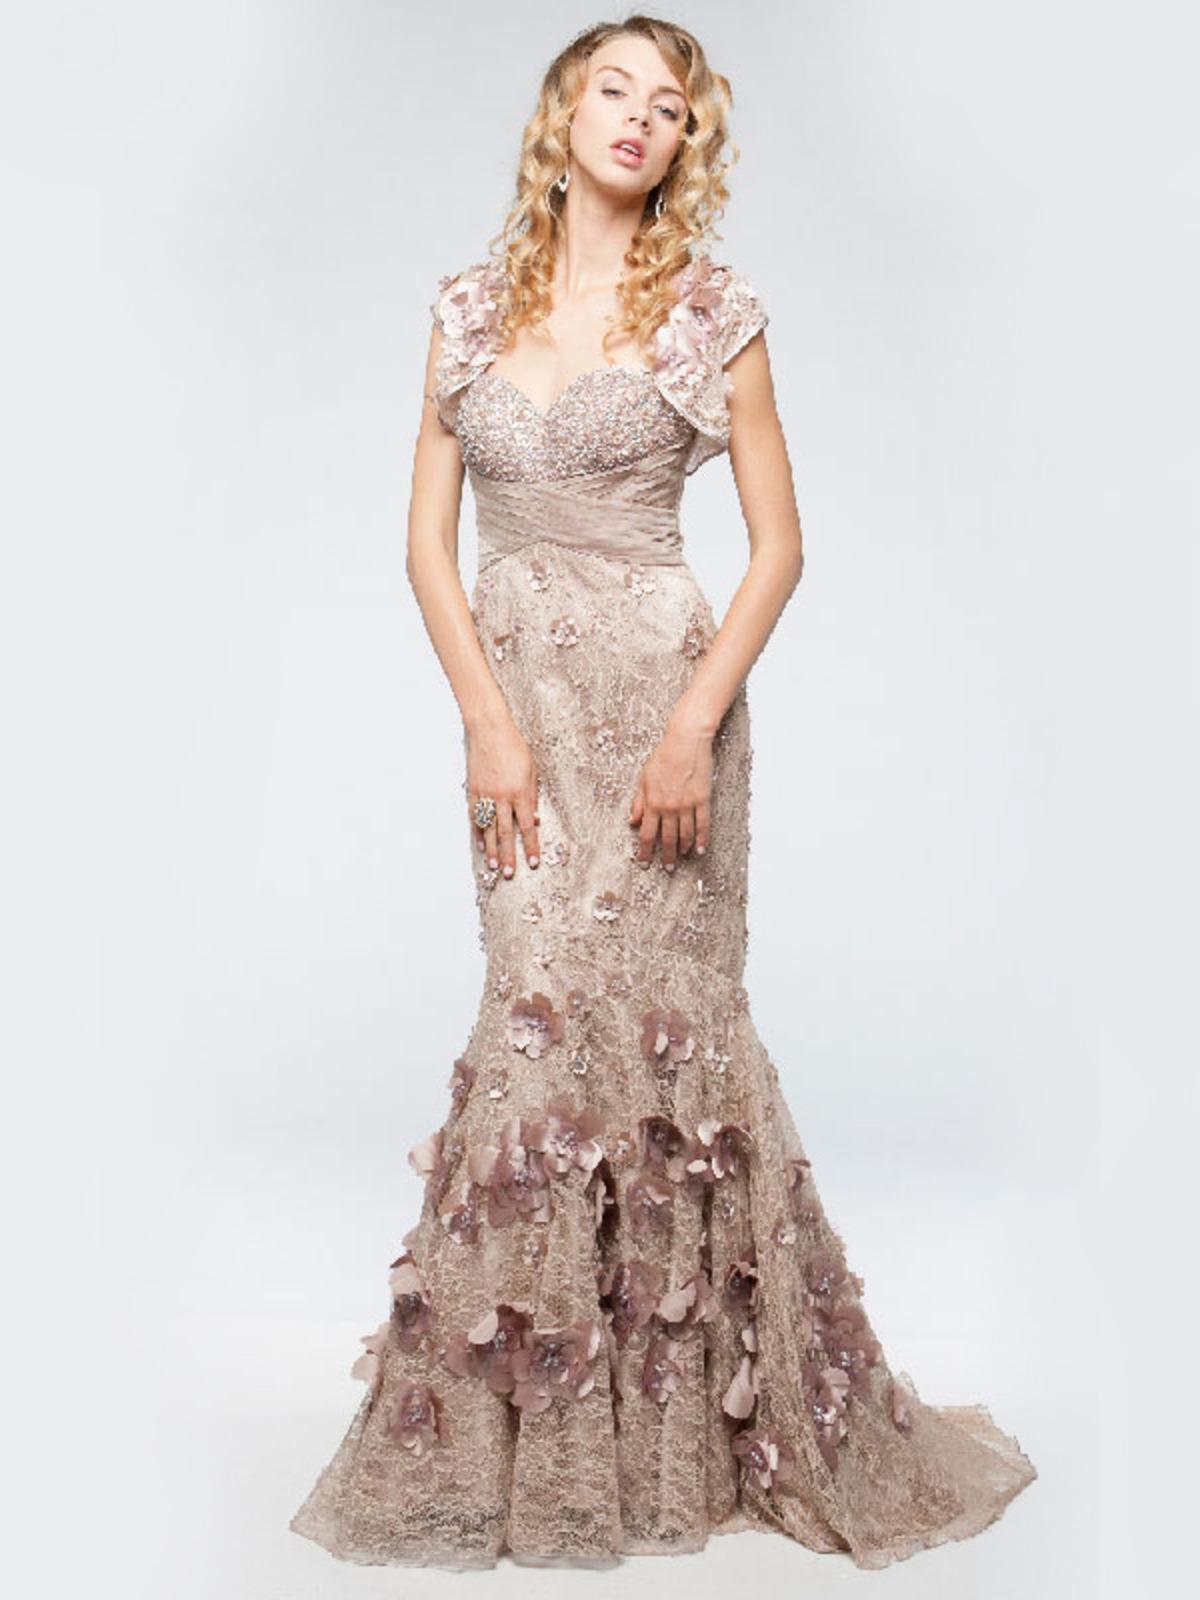 Vintage Lace Mermaid Evening Dress | Sung Boutique L.A. Lace Prom Dress Vintage